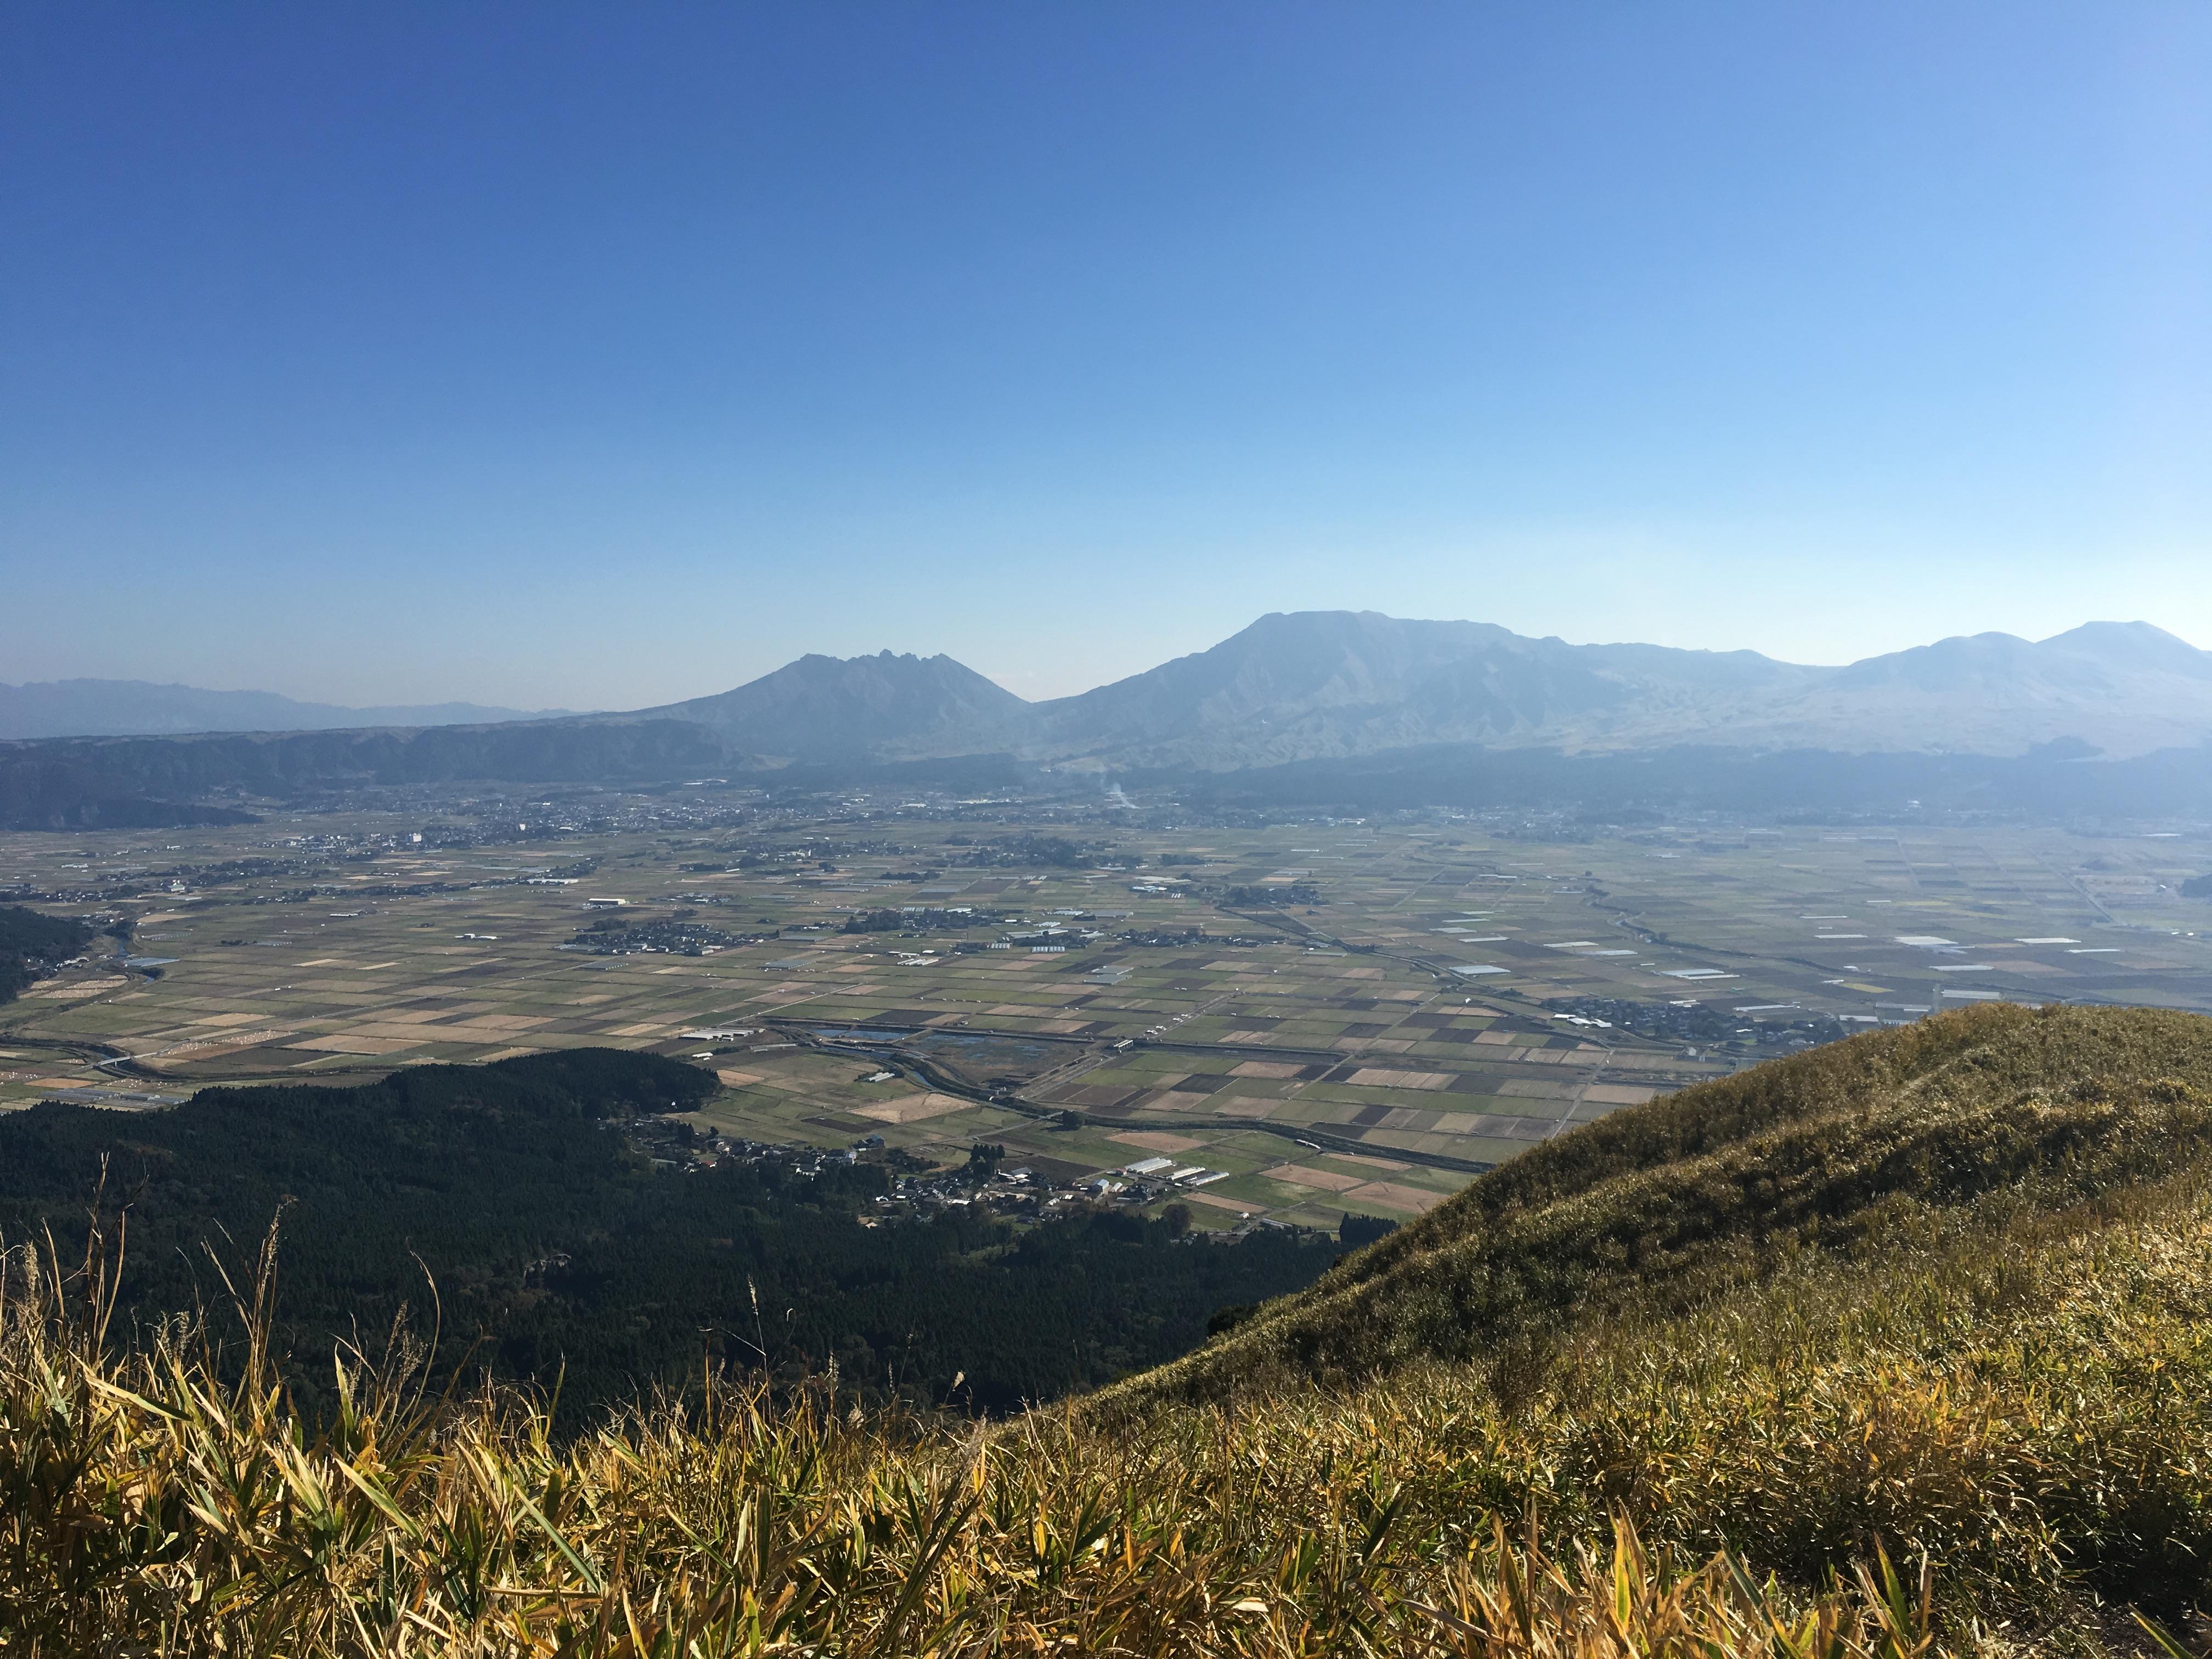 【観光】阿蘇山観光を楽しもう!